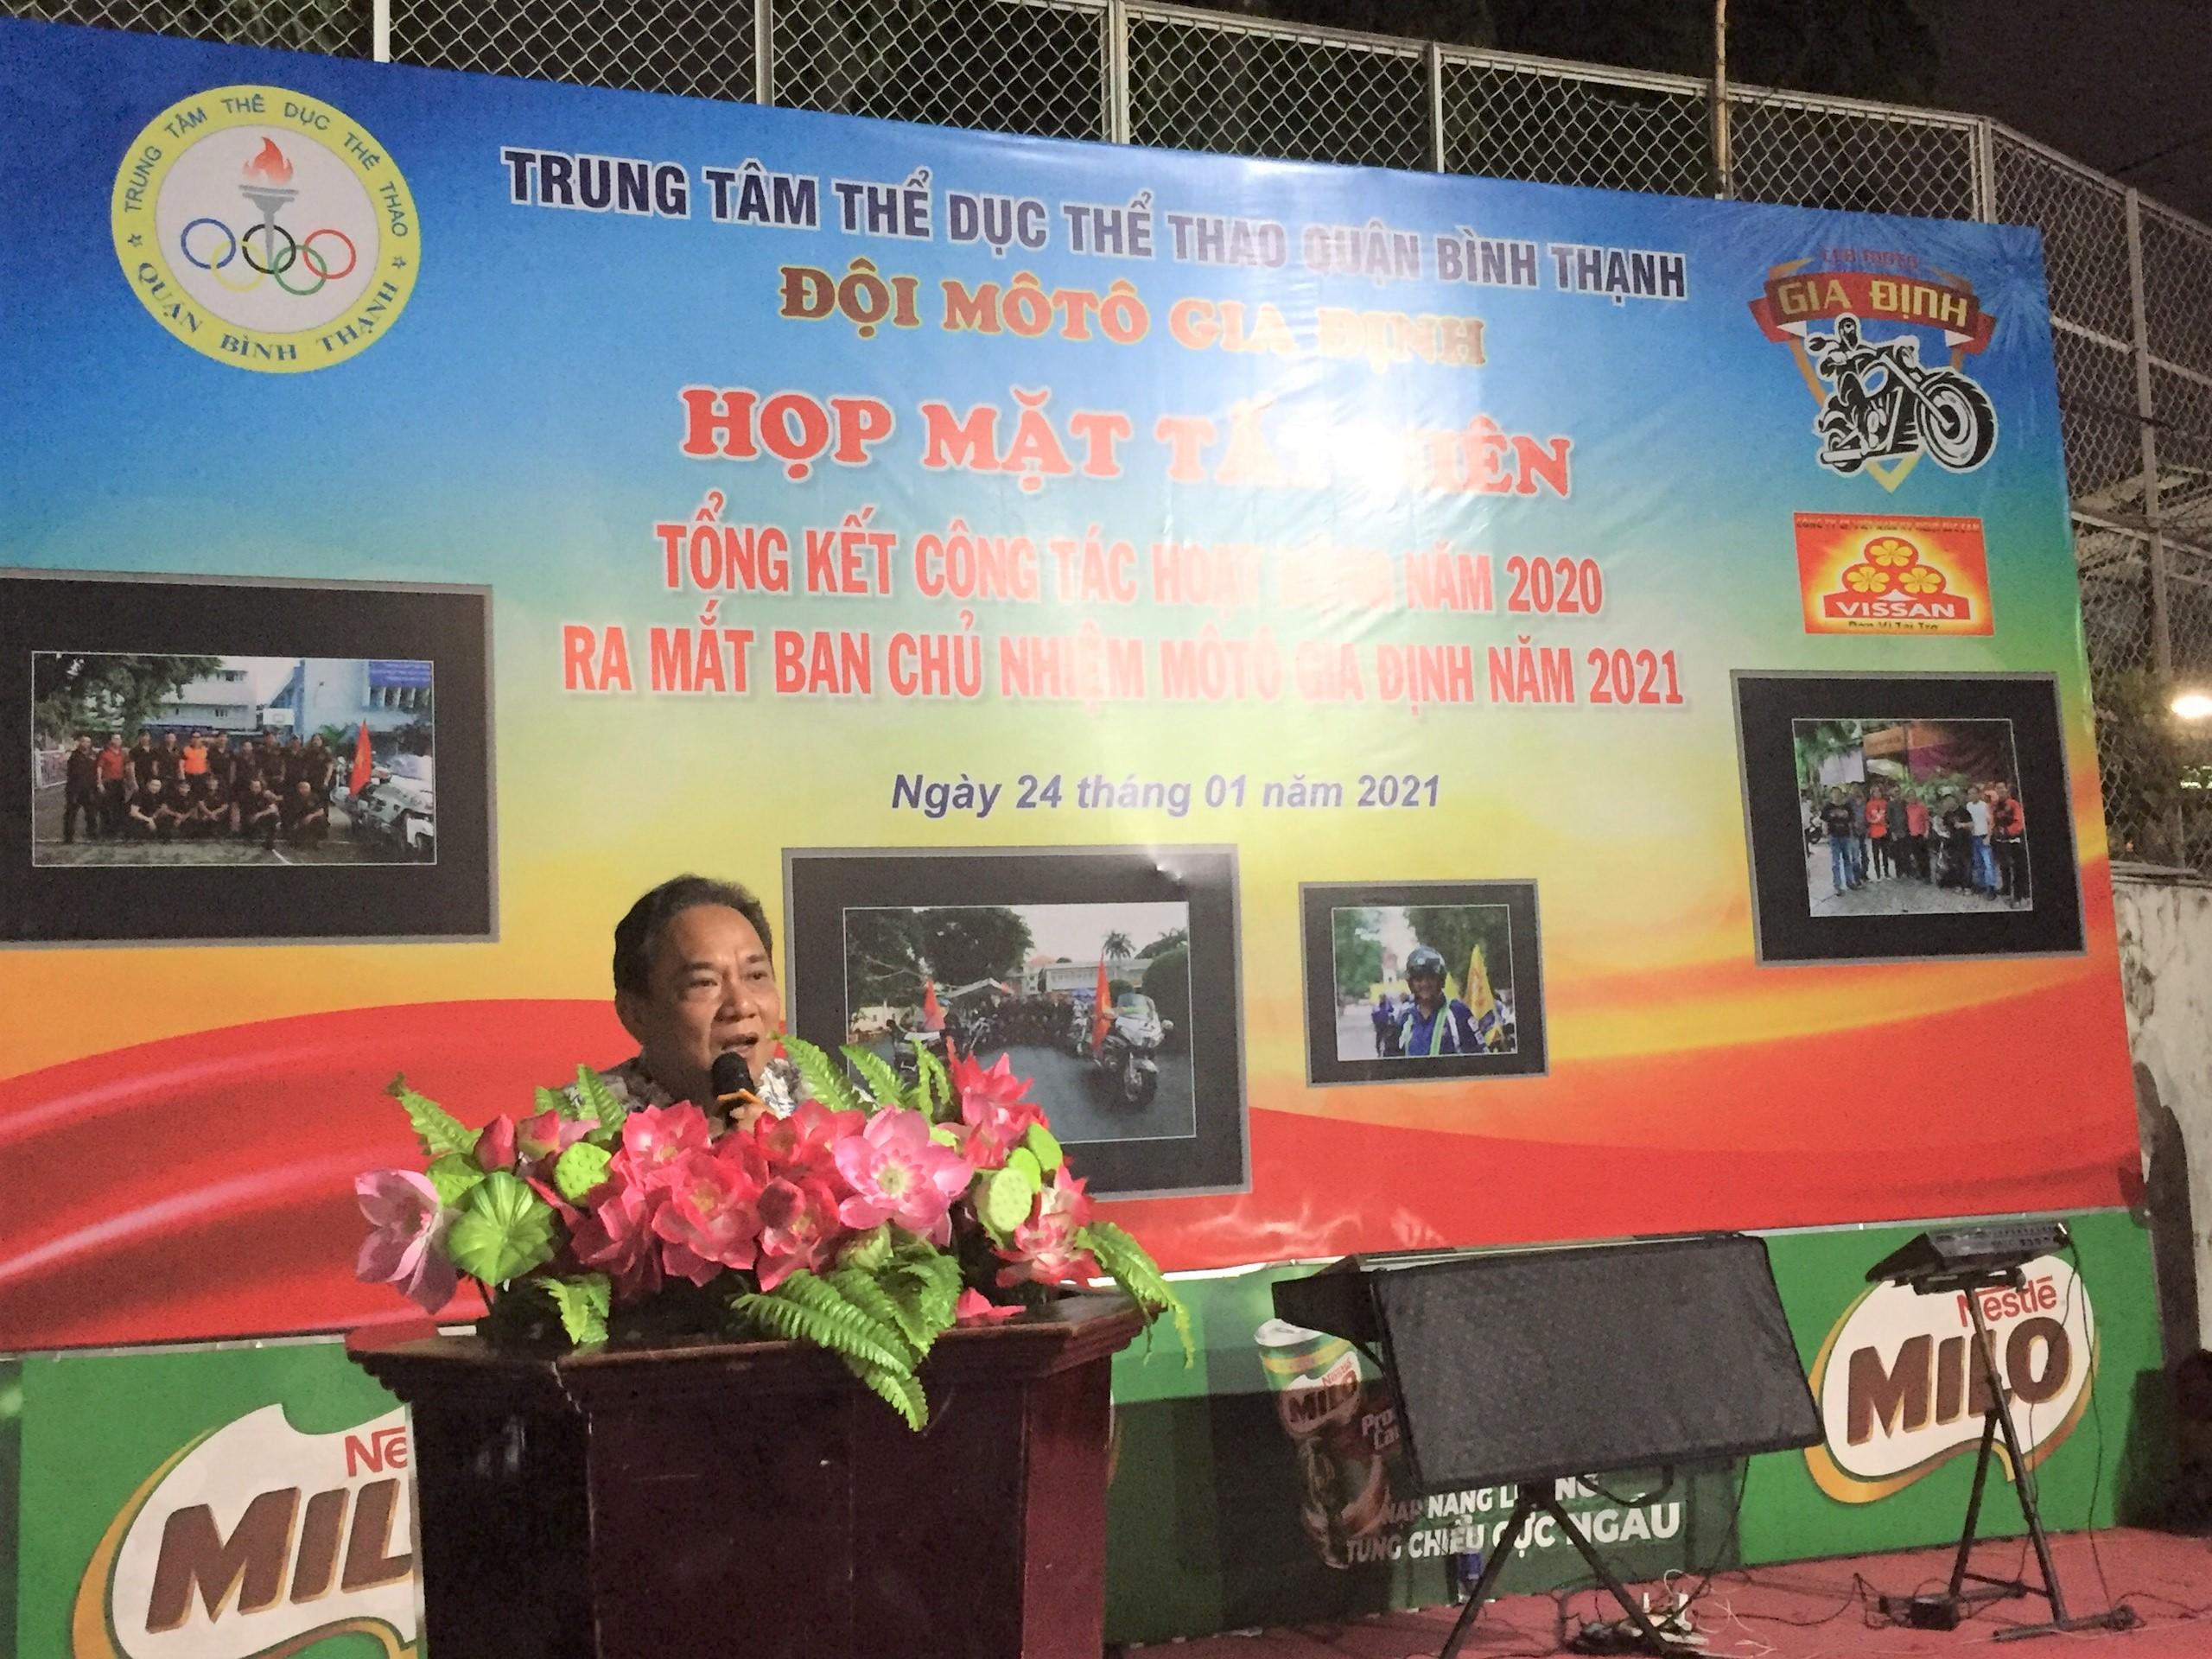 Hình ảnh: CLB Moto Gia Định Quận Bình Thạnh ra mắt Ban chủ nhiệm mới số 4